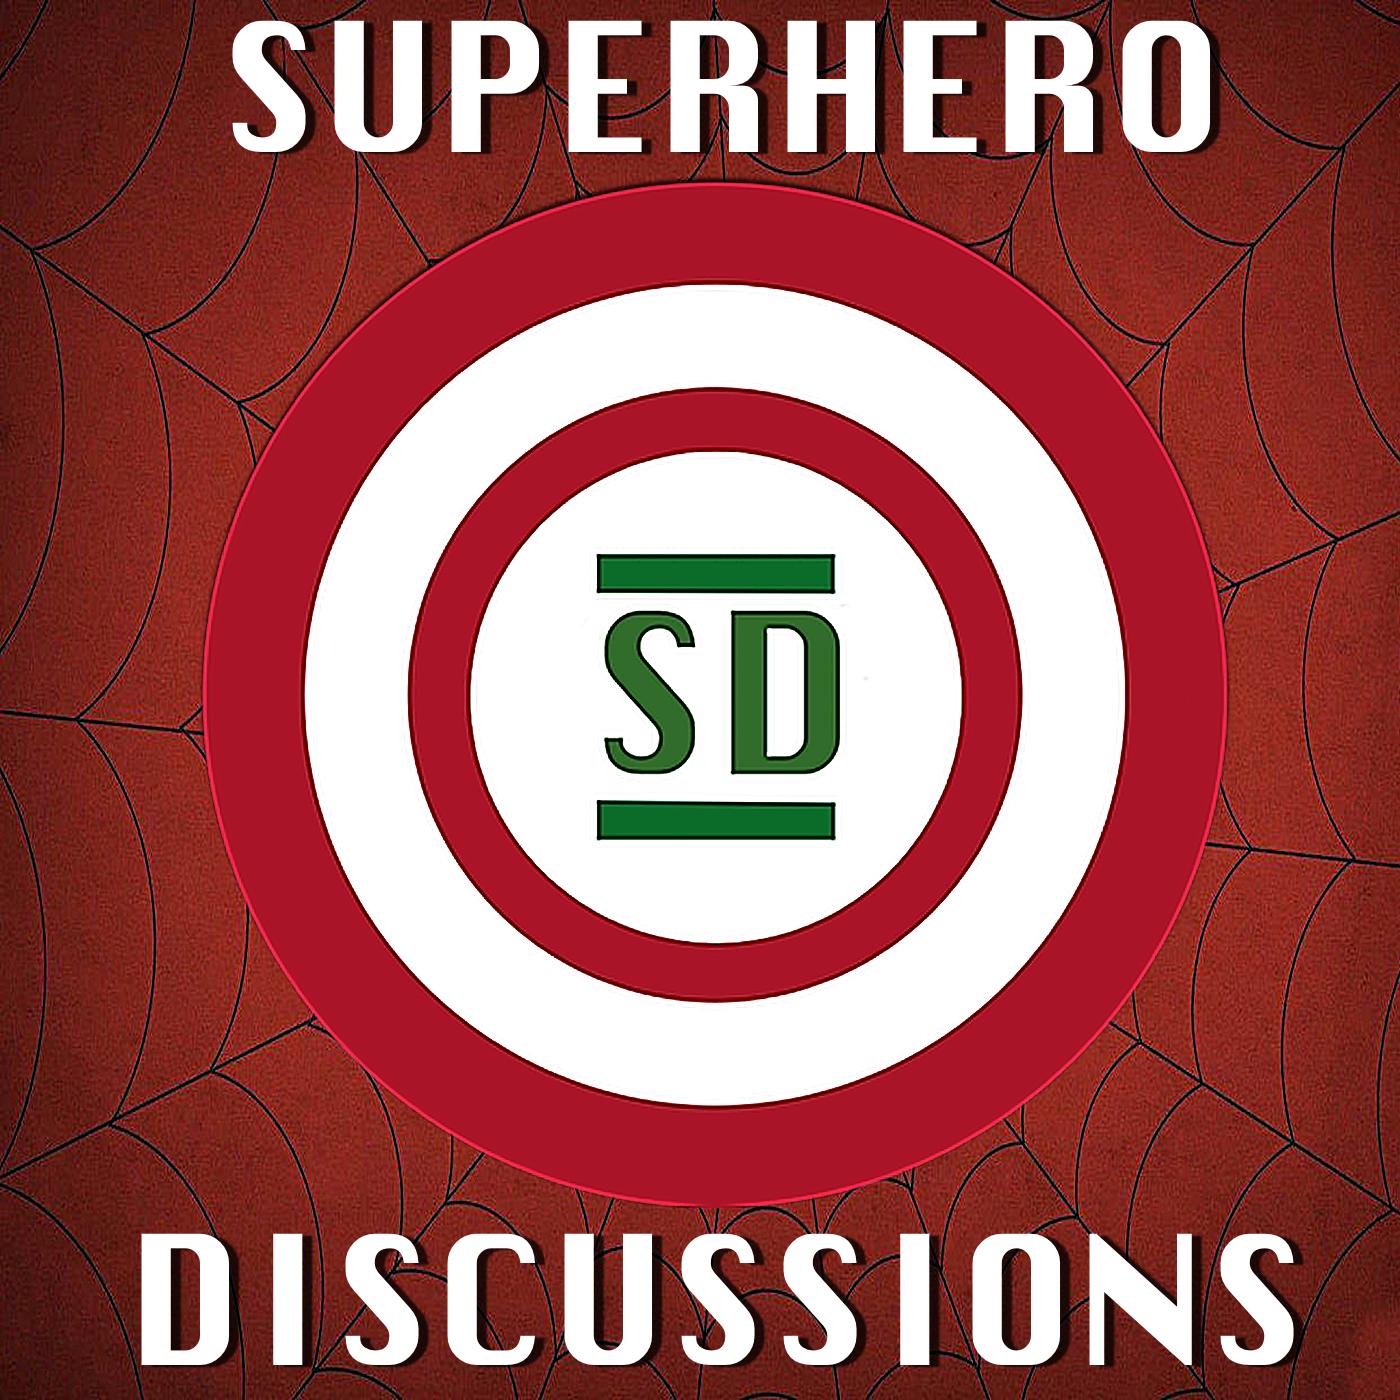 superhero discussions